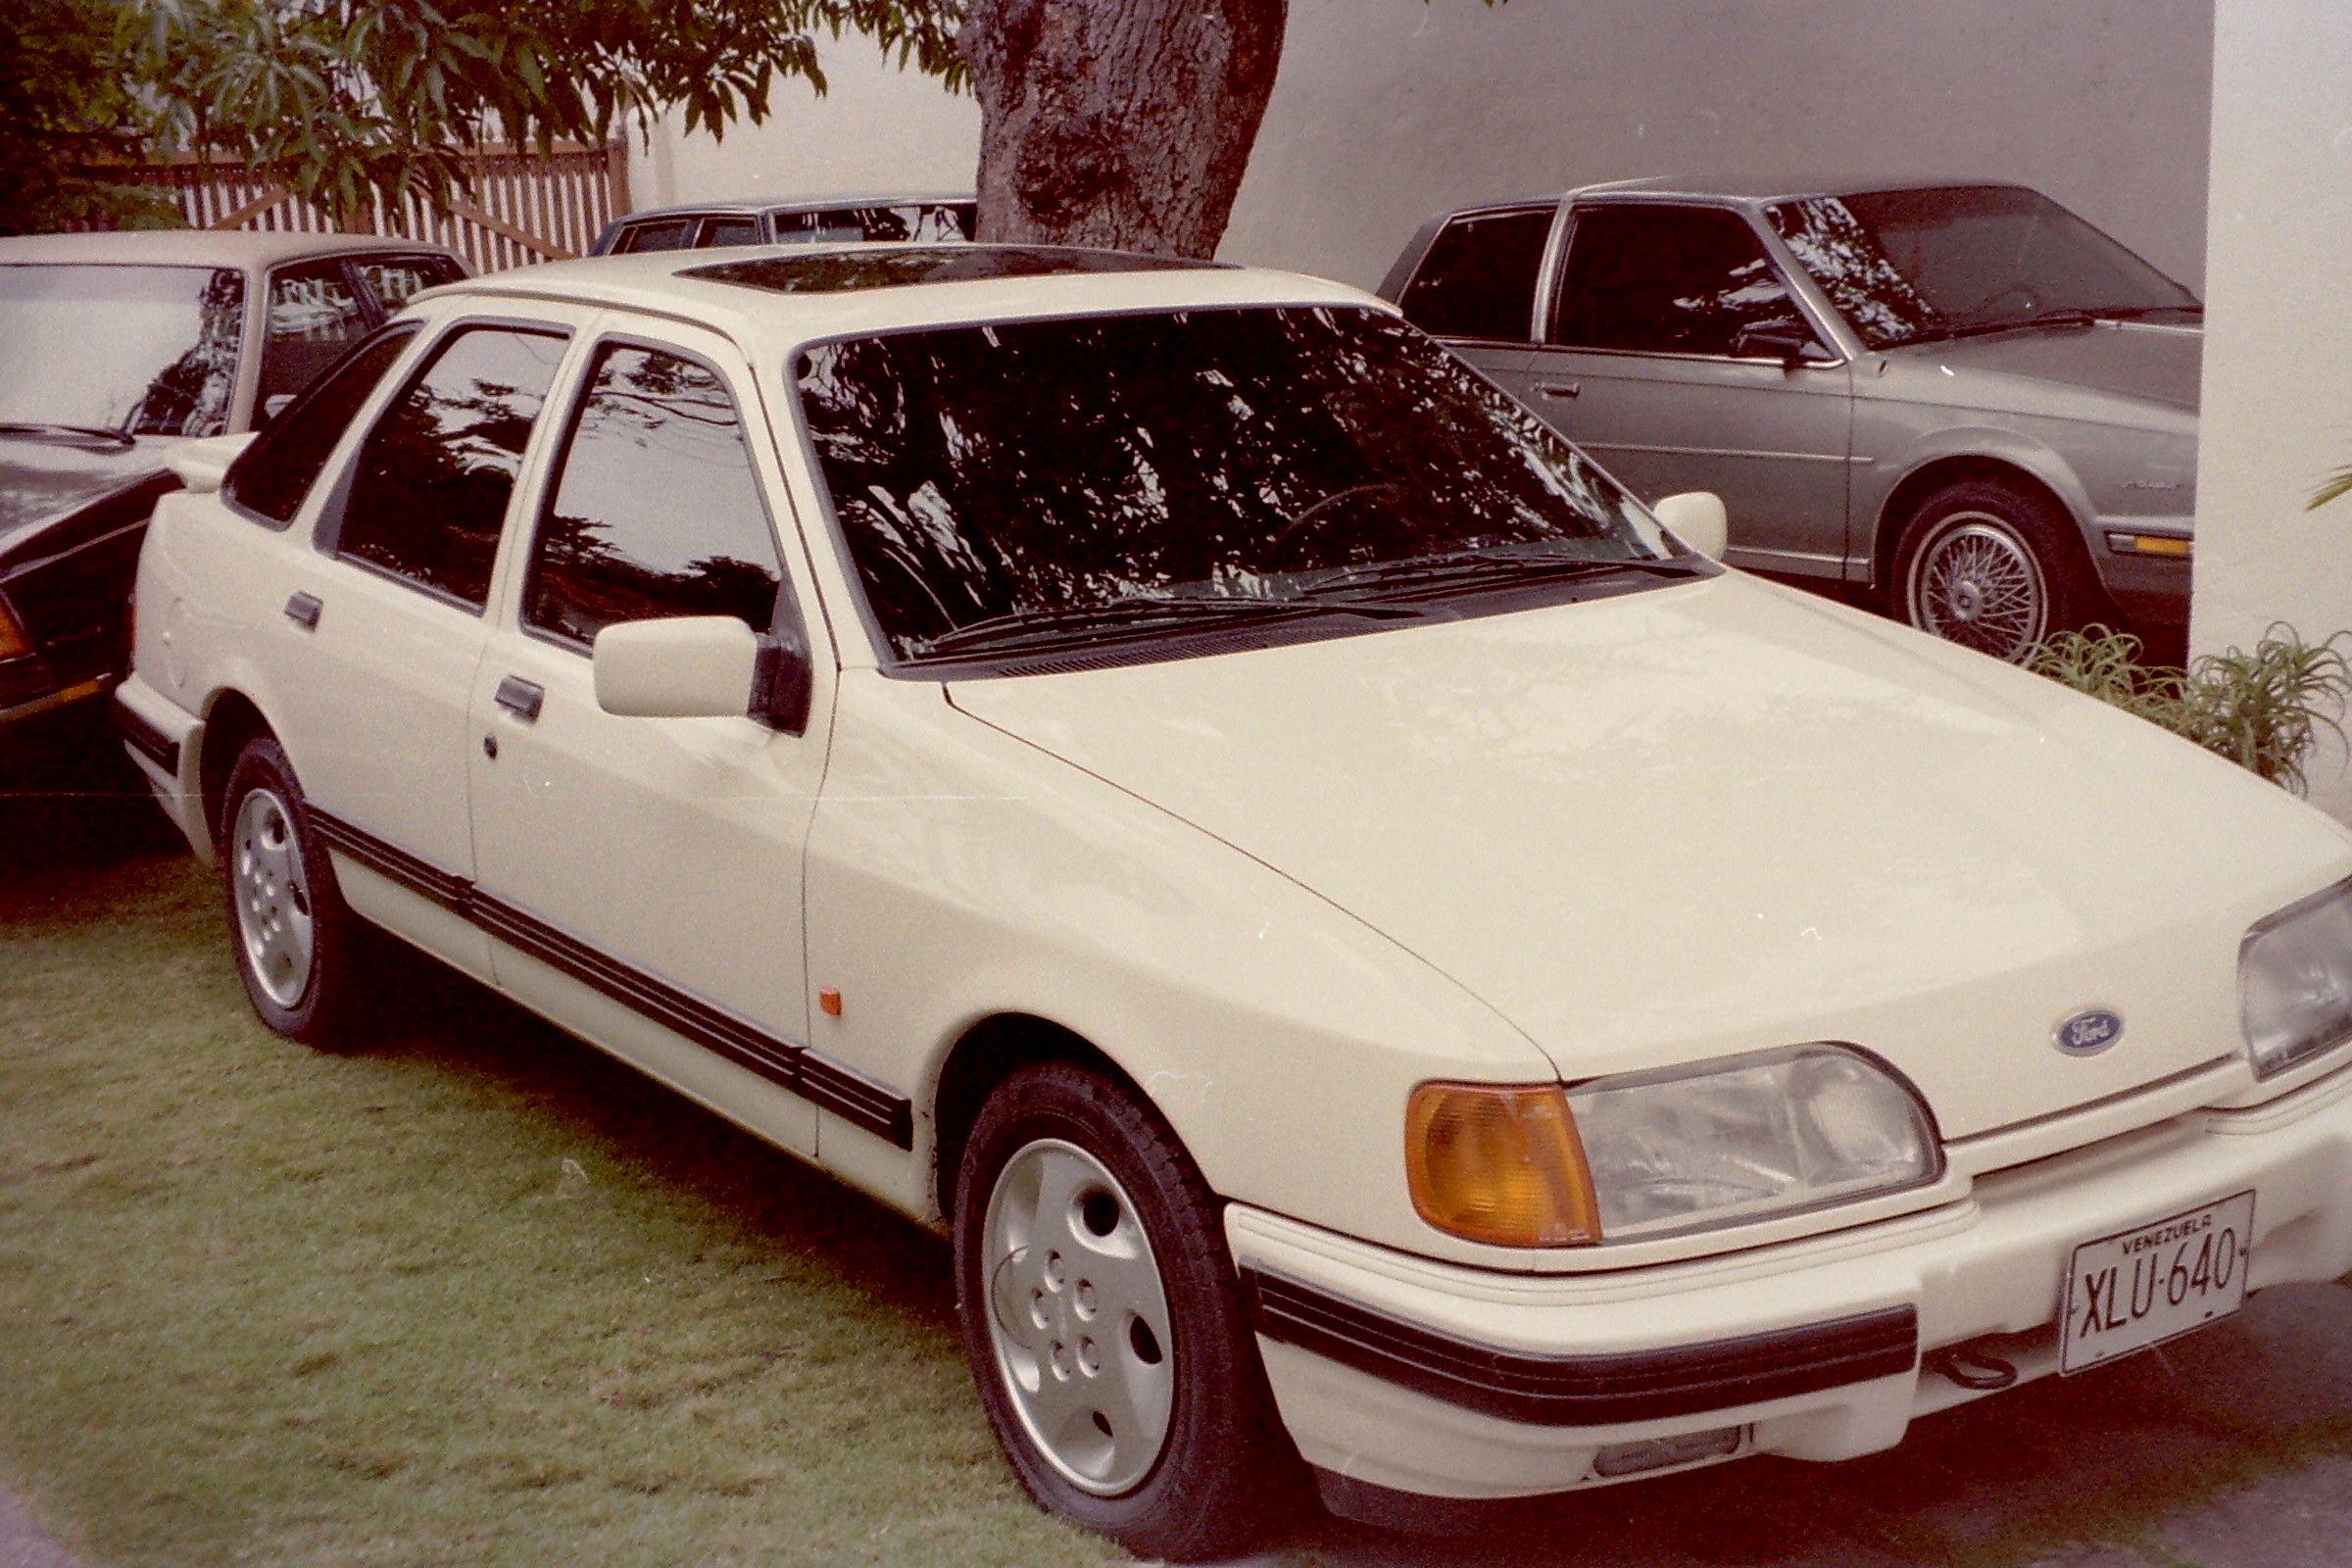 1990 Ford Sierra Xr6i Ford Motors Venezuela Pinterest